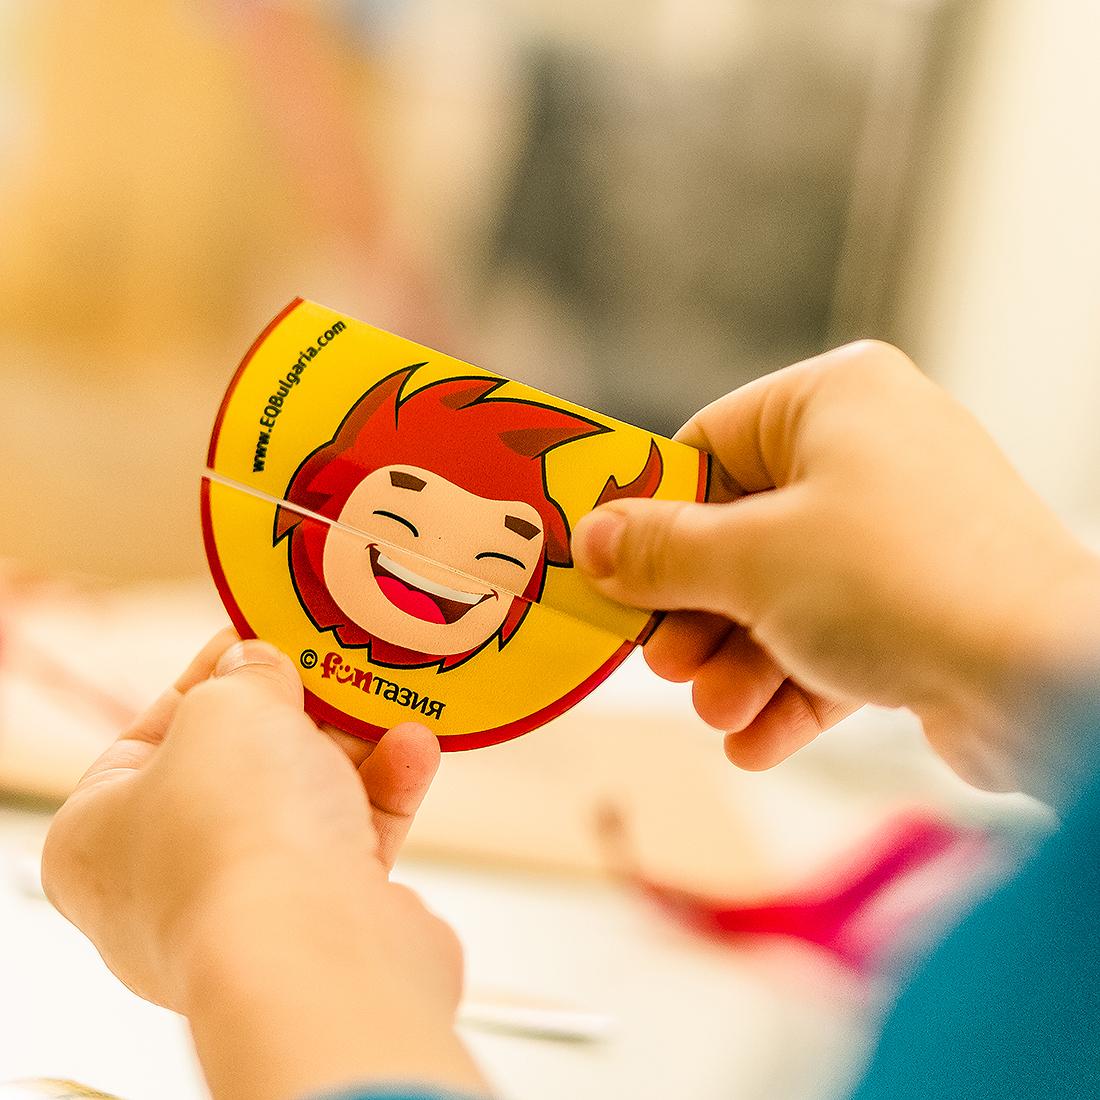 Игри за развитие на емоционална интелигентност и емпатия при децата